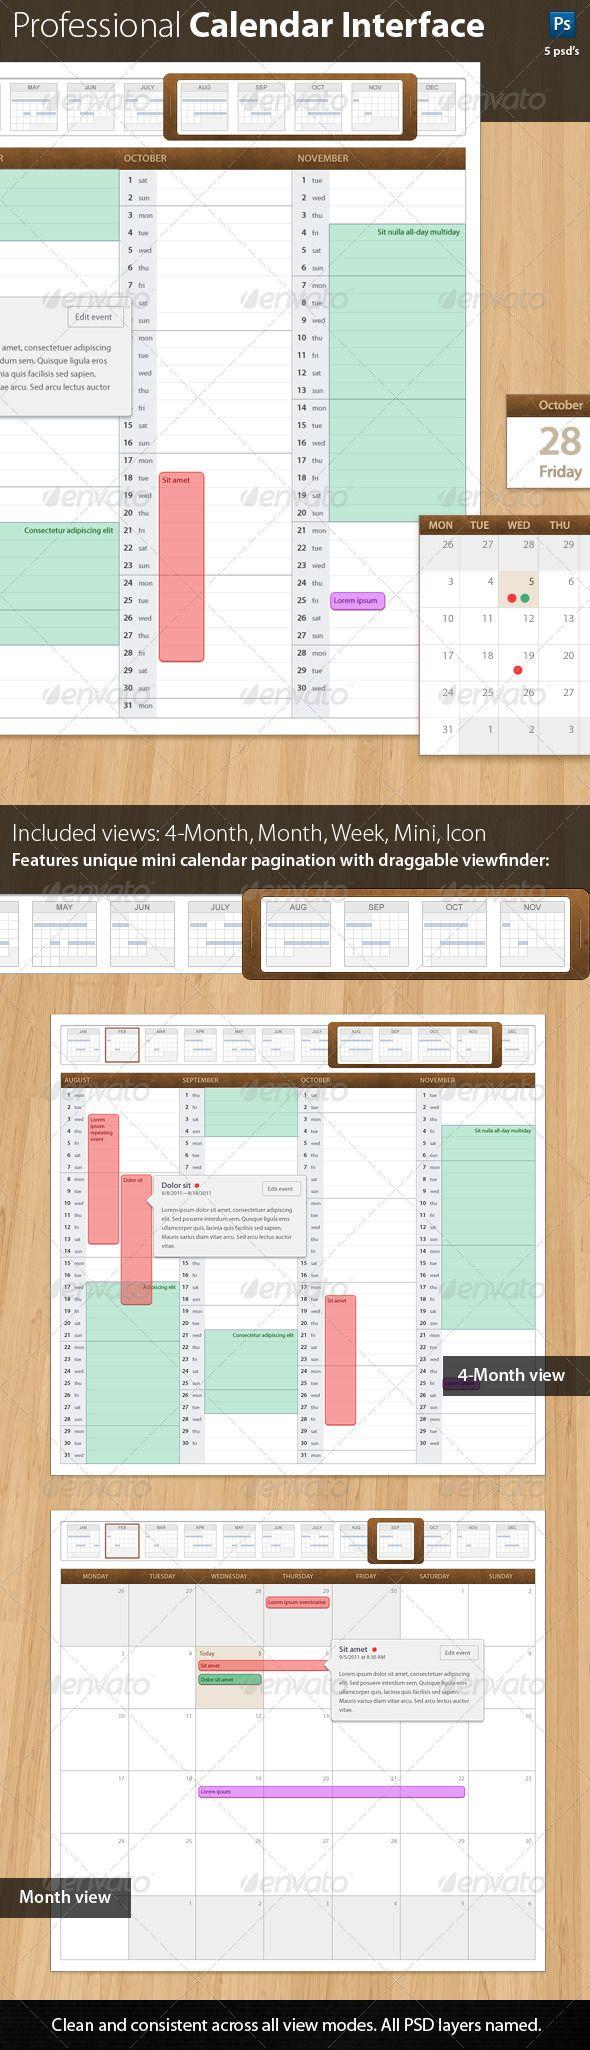 Best 25 Event calendar template ideas – Event Calendar Template